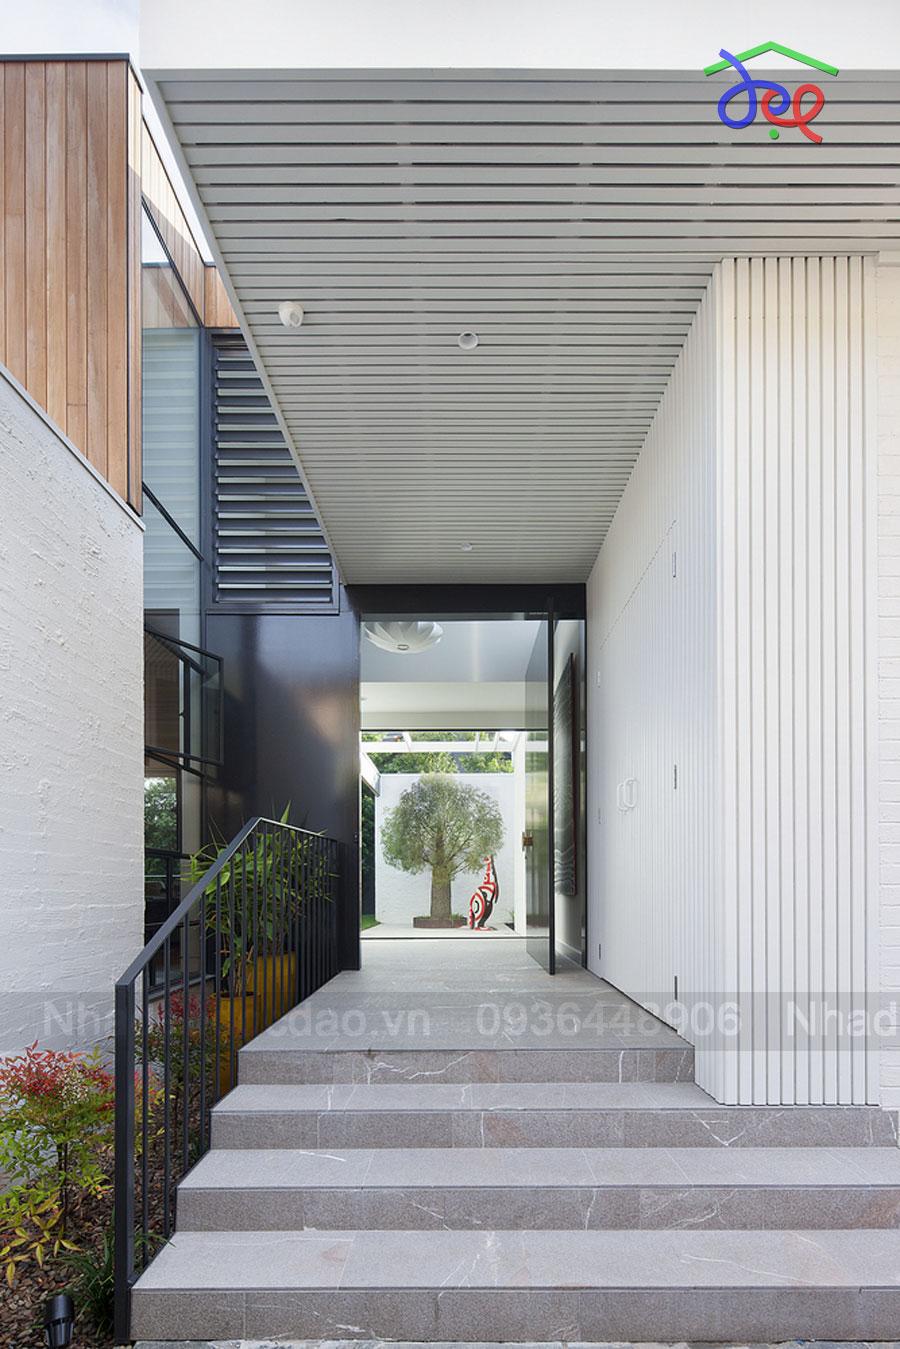 Kiến trúc bền vững trong thiết kế nhà phố ở Australia